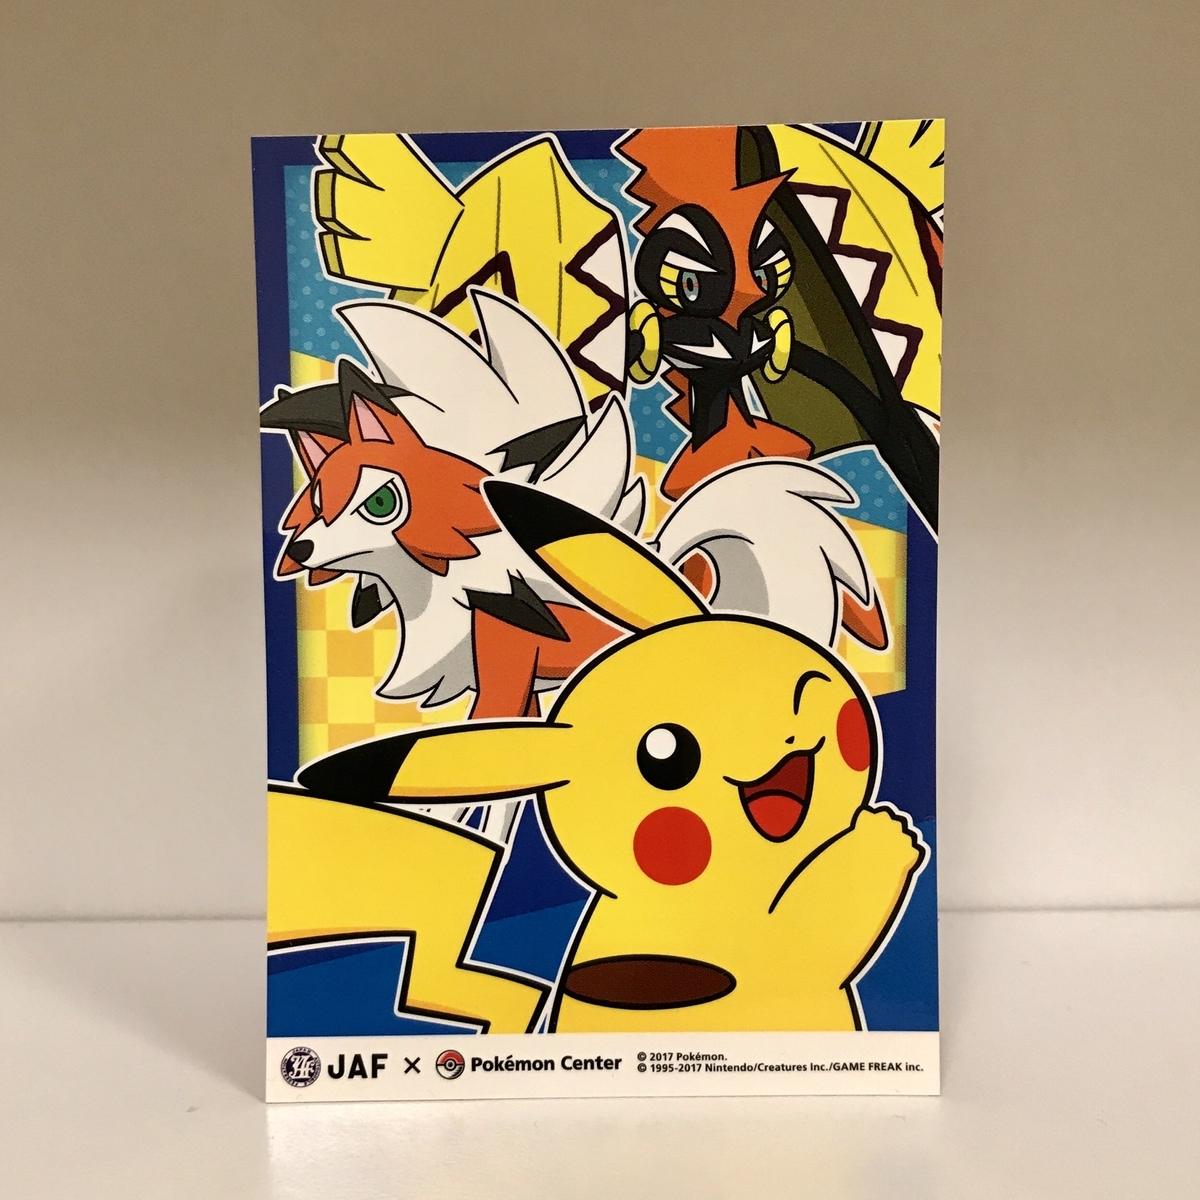 f:id:pikachu_pcn:20190406002105j:plain